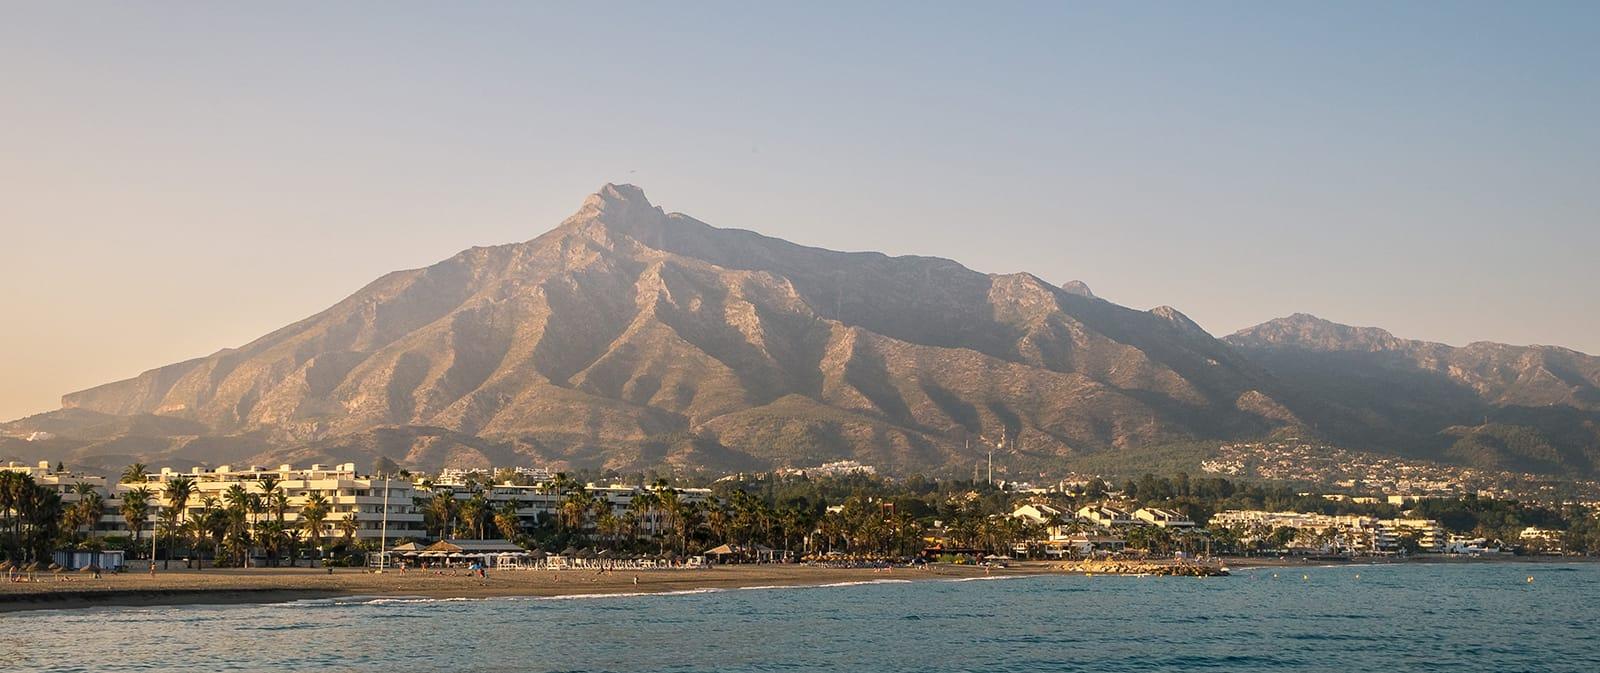 La Concha Mountain overlooking Meditteranean sea in sunset